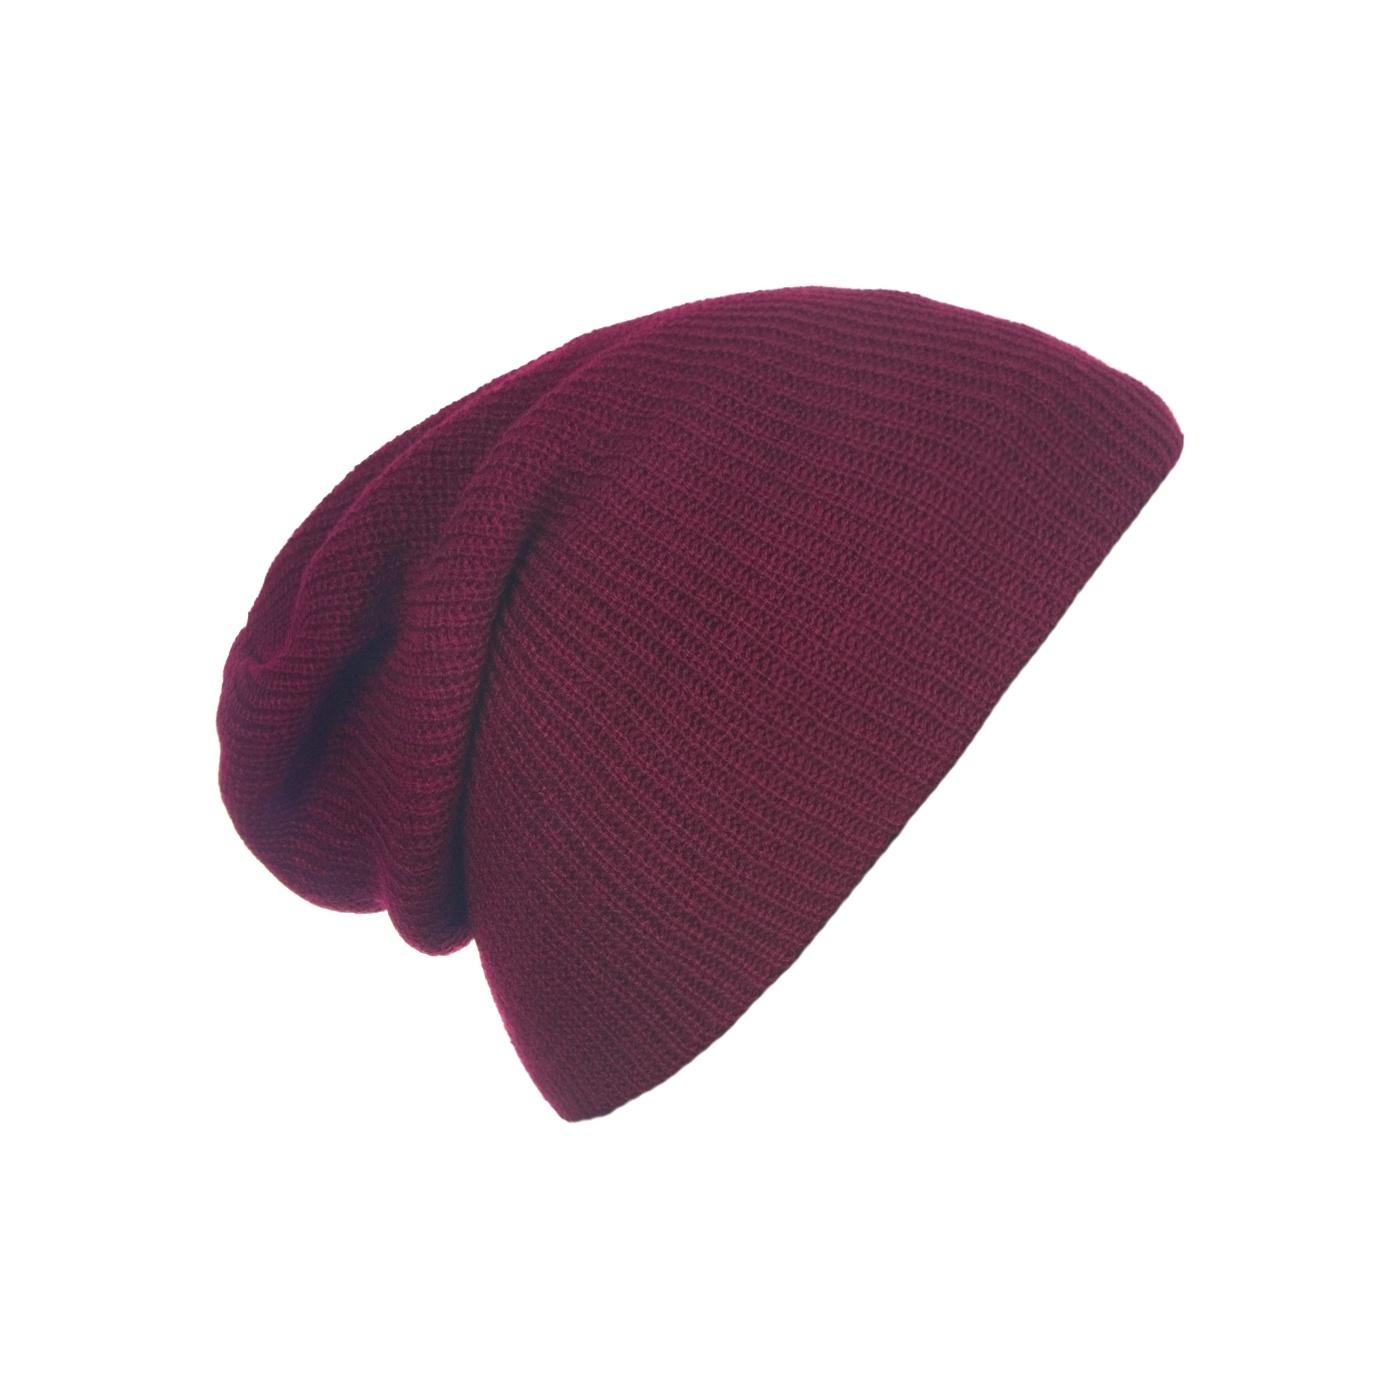 Męska czapka beanie w prązki 3w1 - burgund